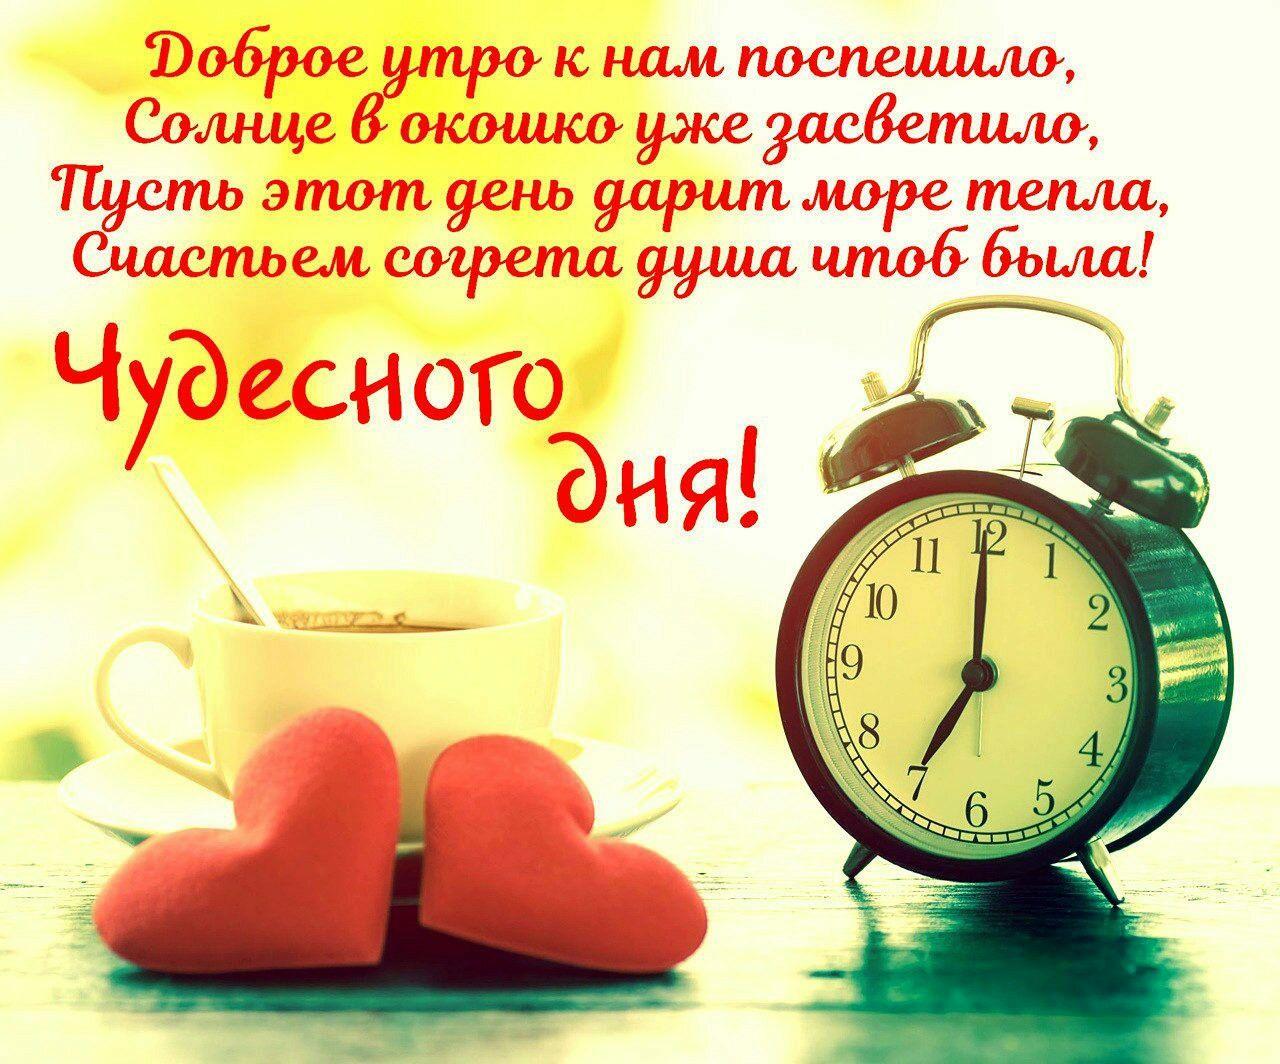 пожелания доброго утра и здоровья в картинках честно, циферблат